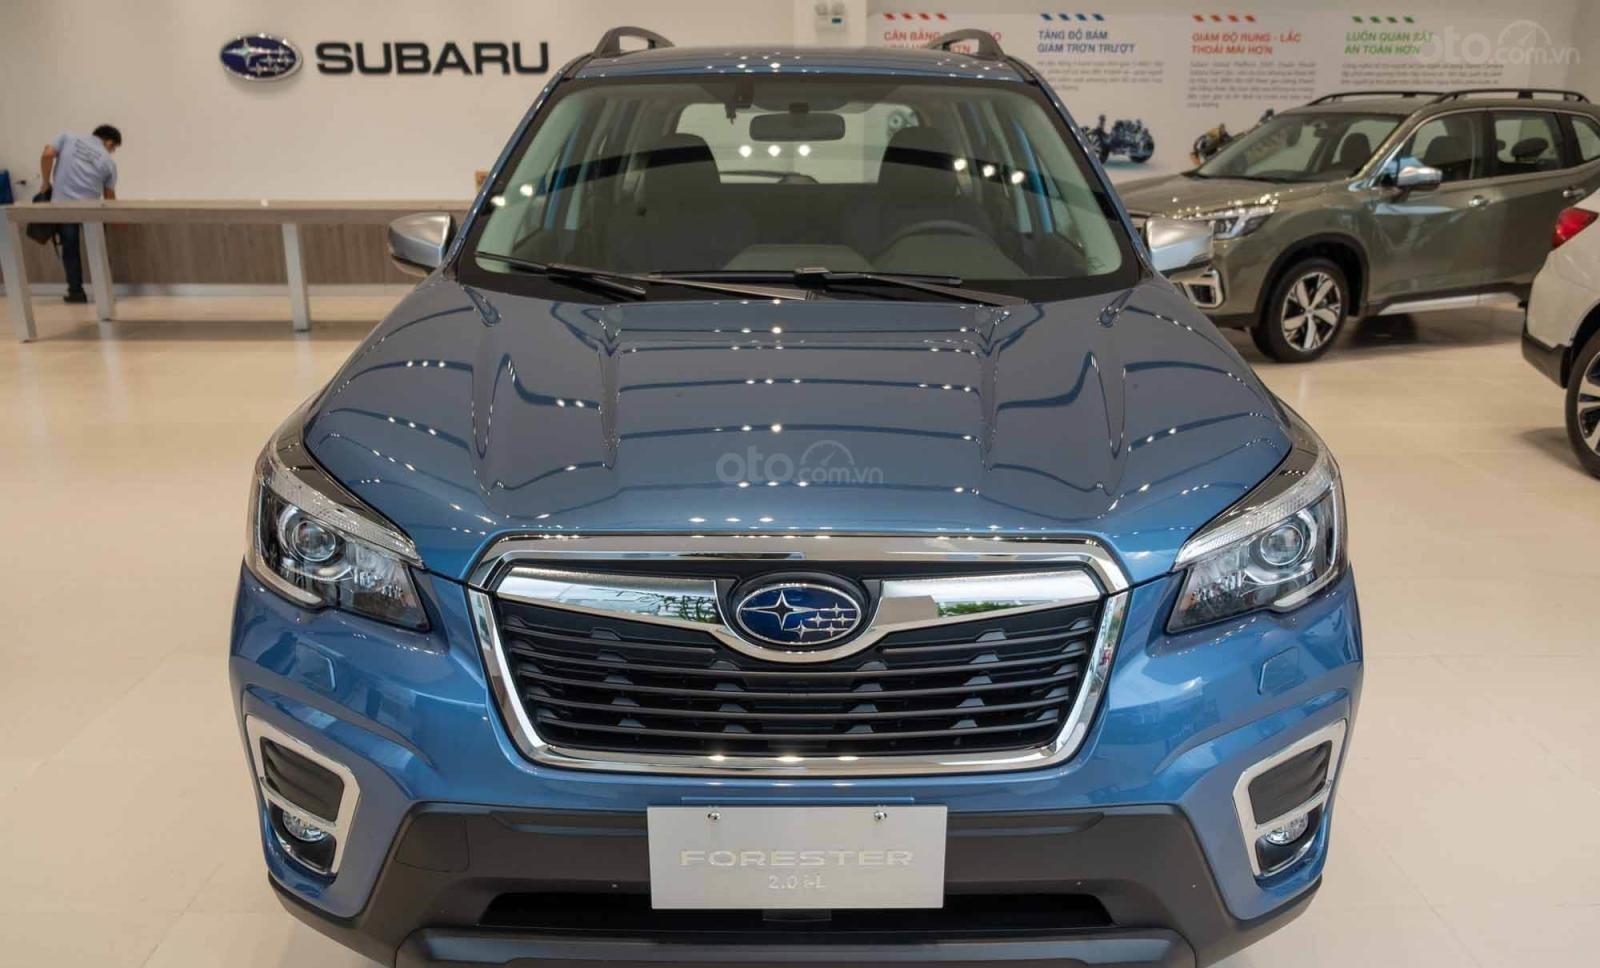 Cần bán xe Subaru Forester 2.0i-L (xe mới 100%) (1)